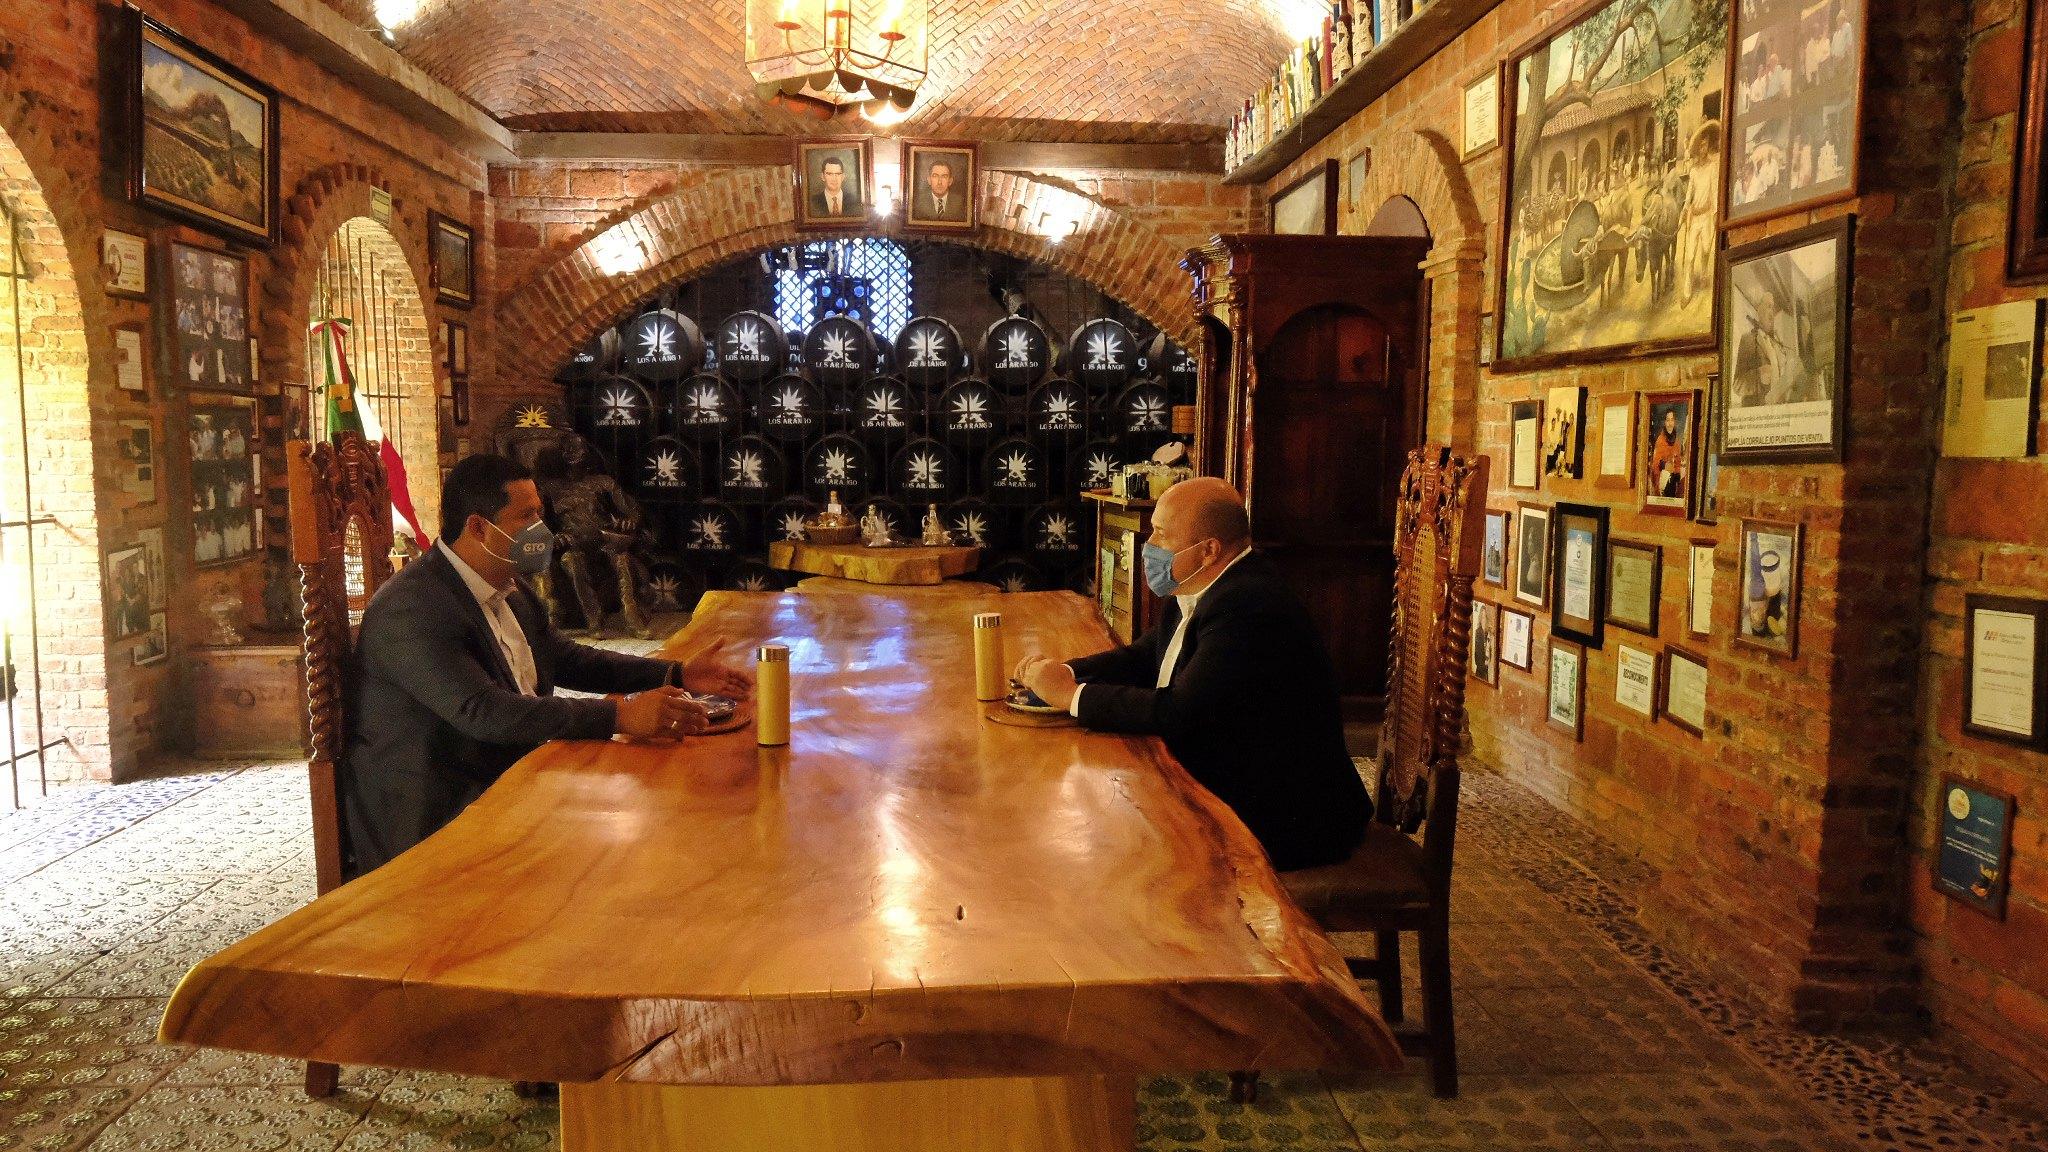 Piden gobernadores de Jalisco y Guanajuato reunión con el Presidente para resolver el problema de falta de agua en ambos estados